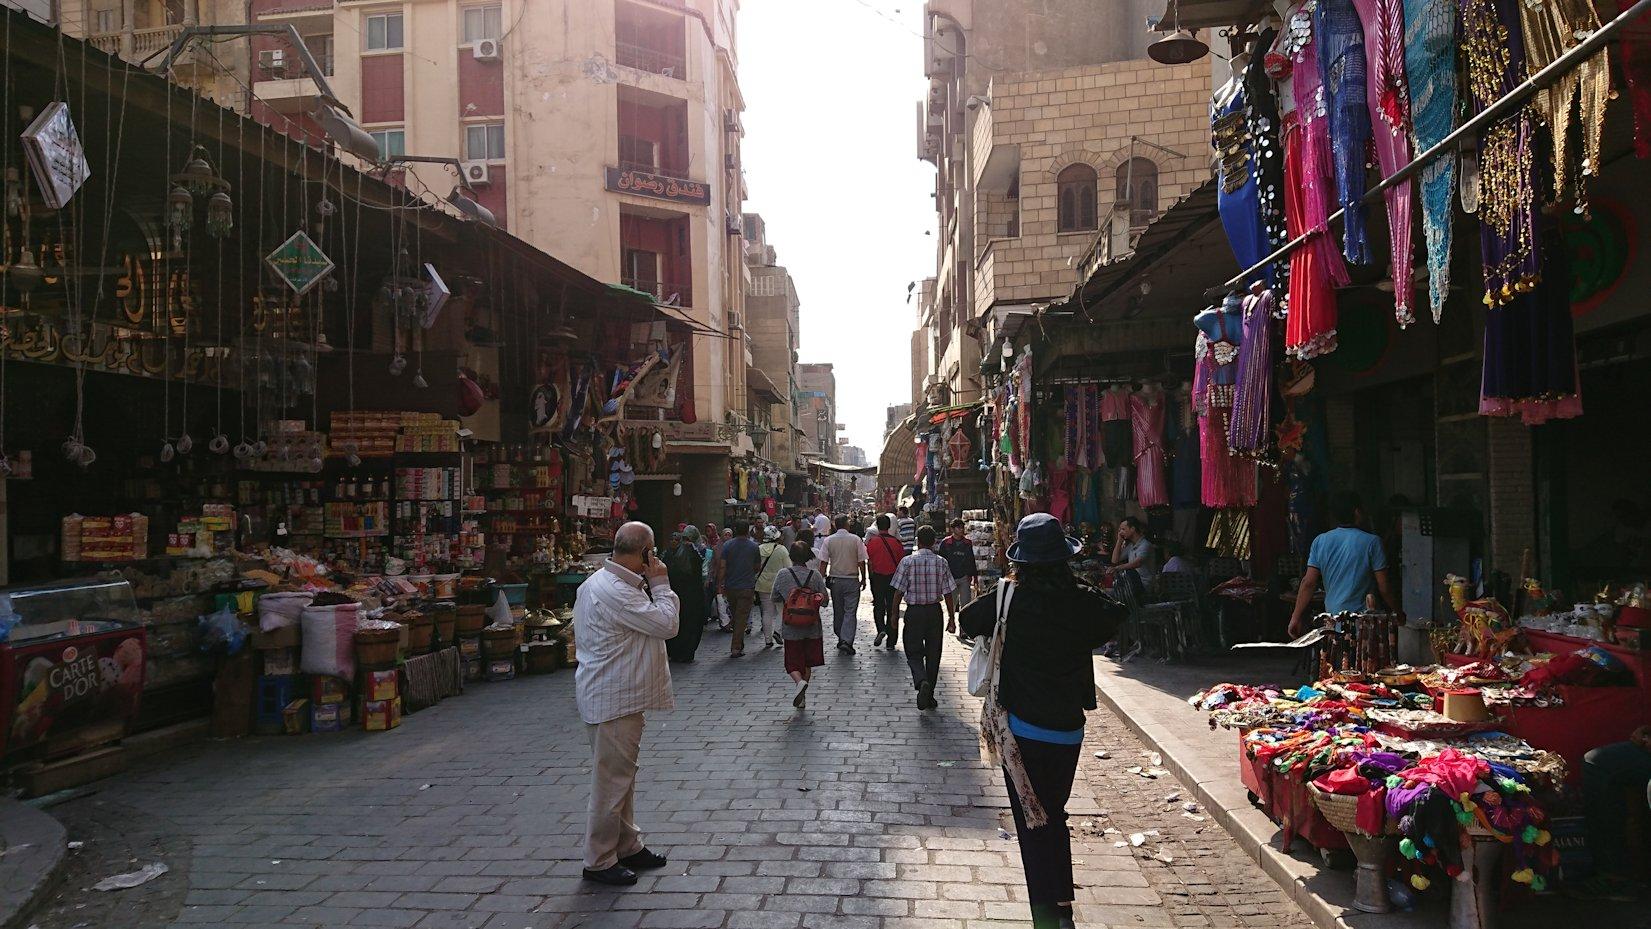 エジプト旅行 ブログ 口コミ カイロ ハン・ハリーリ